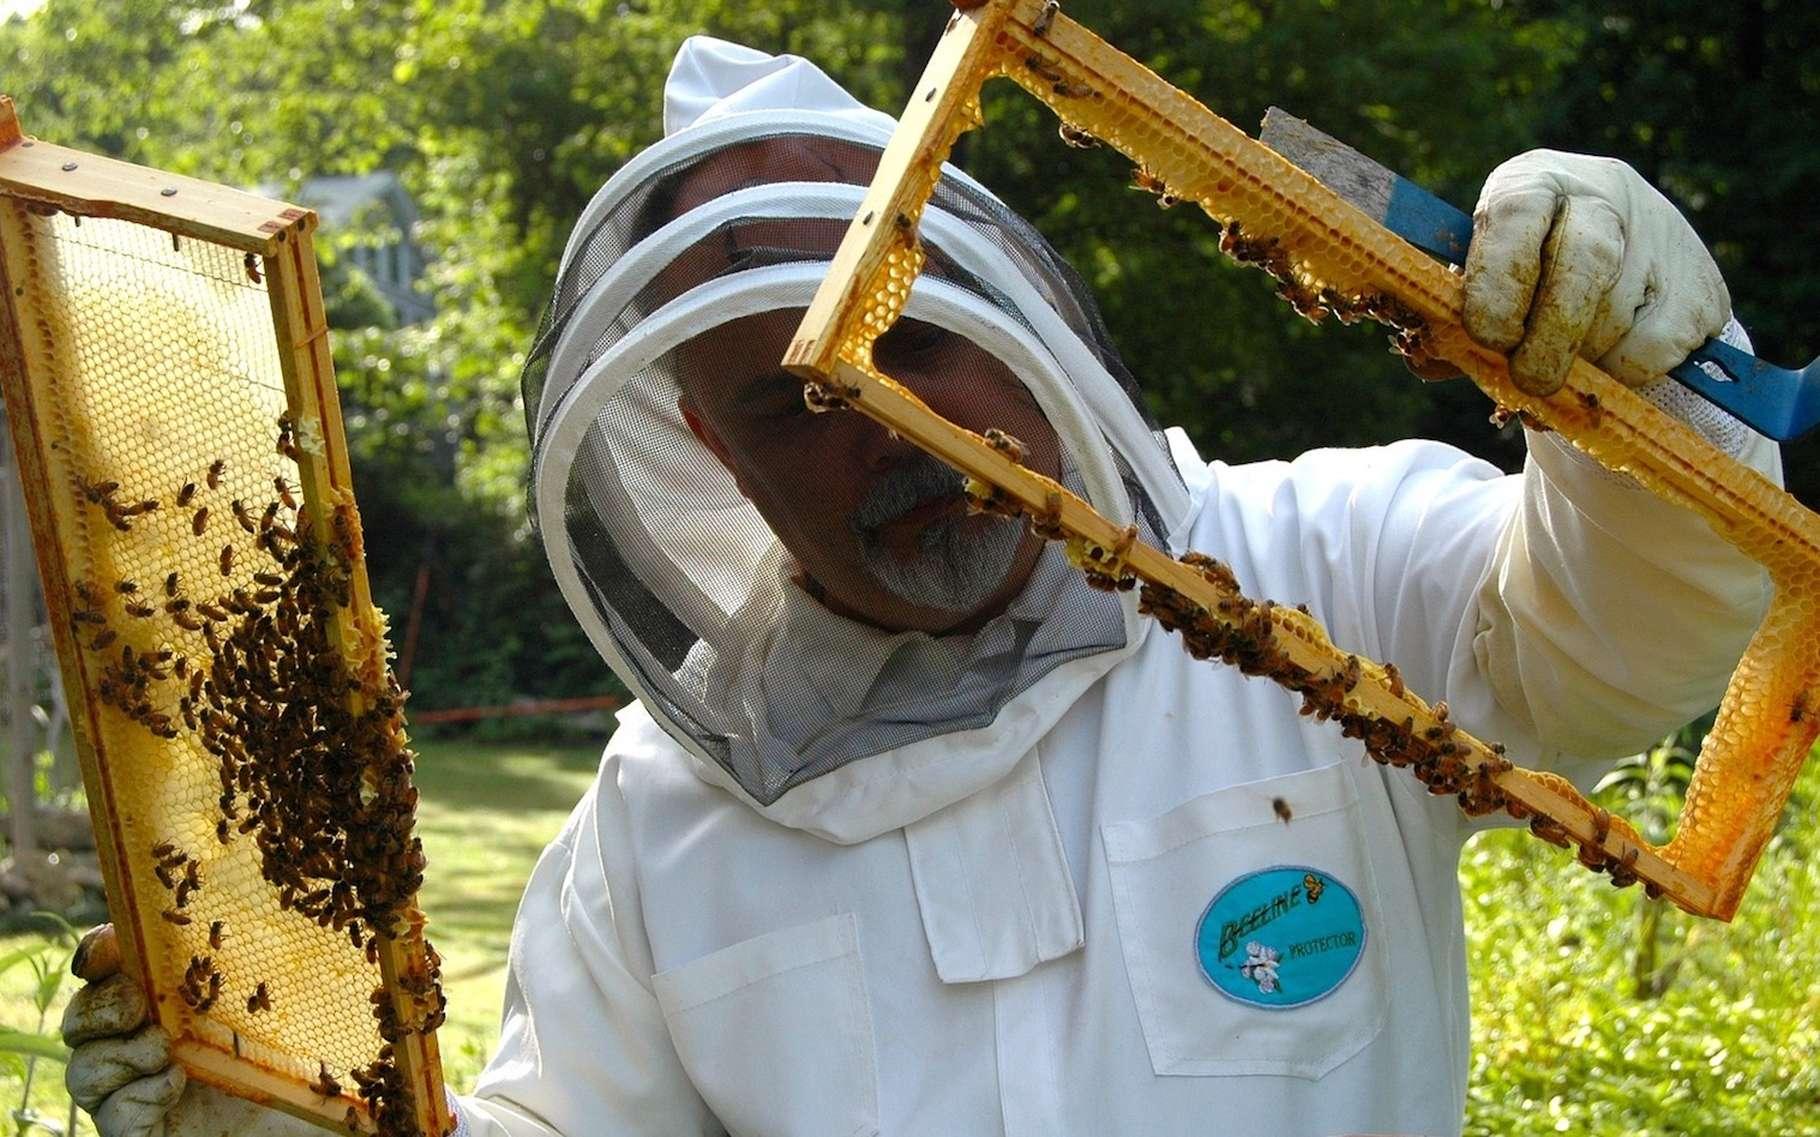 Voile, combinaison, gants : pour l'apiculteur, mieux vaut prendre quelques précautions avant d'aller travailler à la ruche et s'habiller en blanc. © BusinessHelper, Pixabay, DP